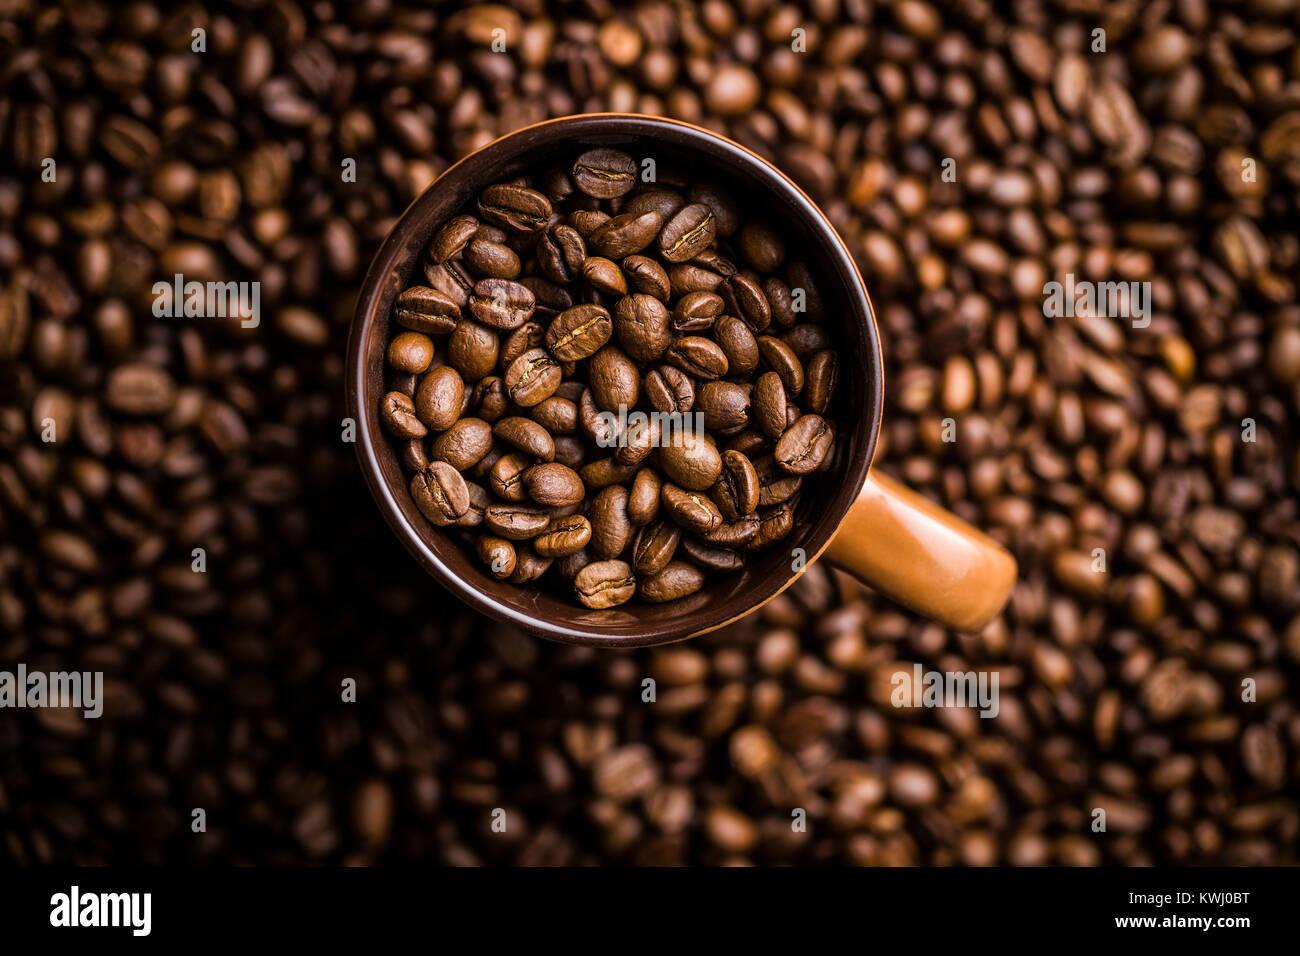 Les grains de café torréfié en tasse. Photo Stock